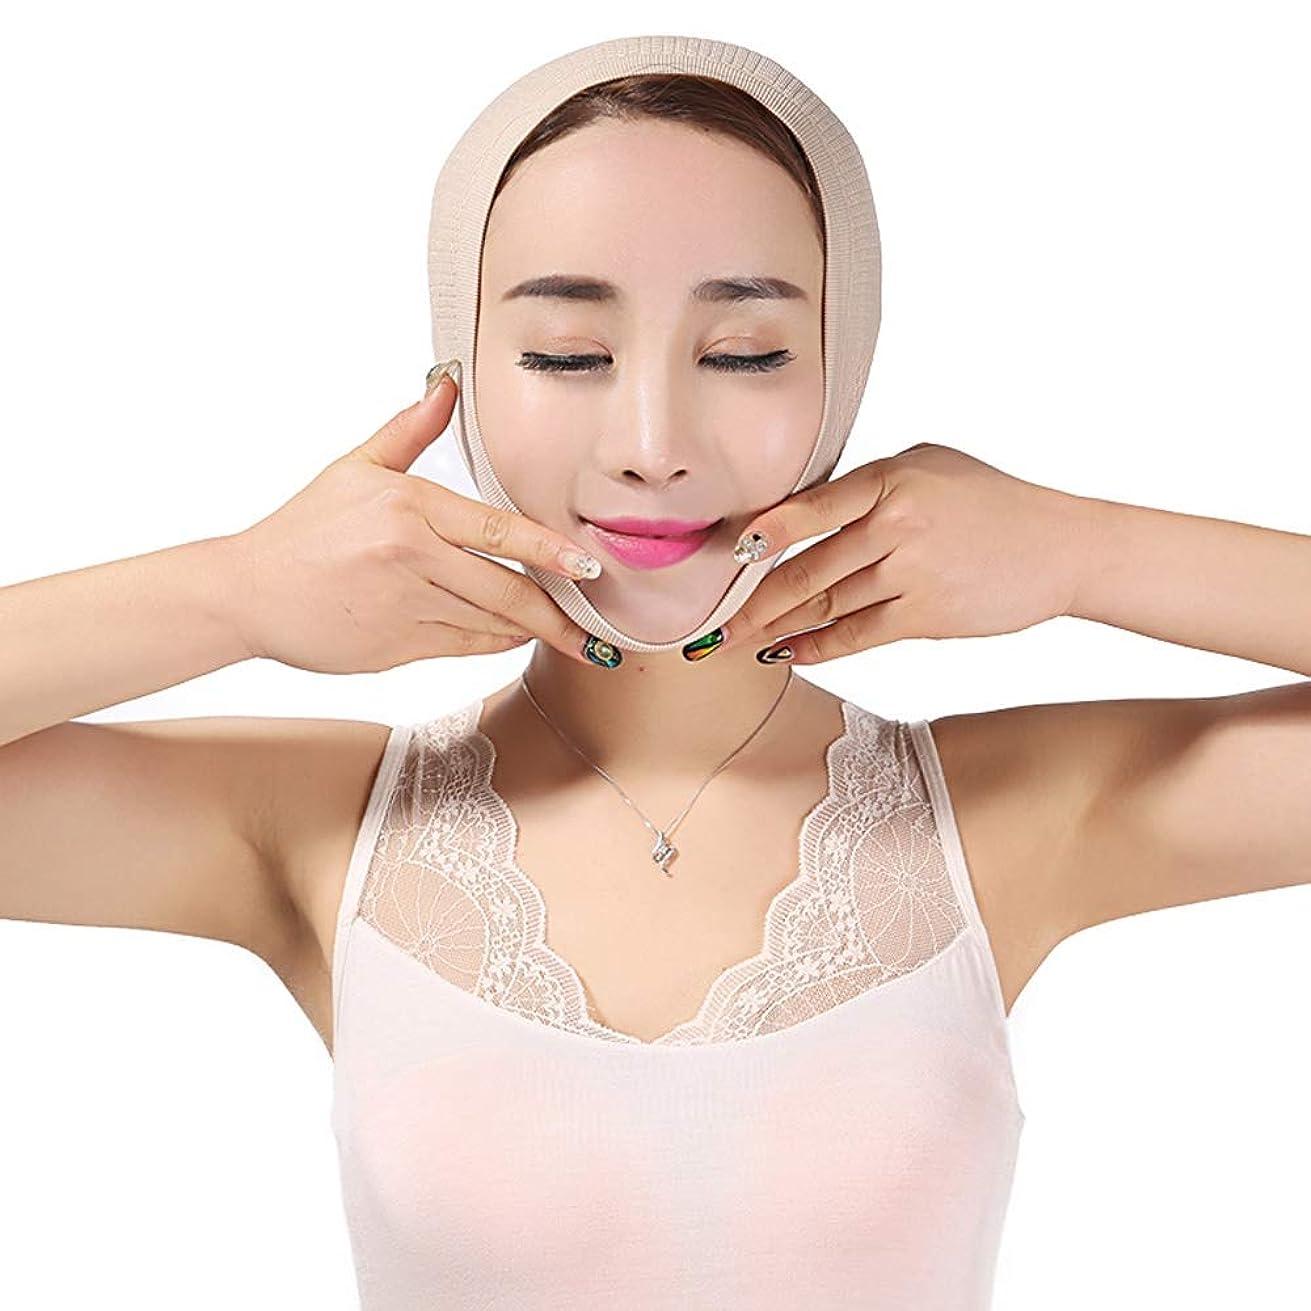 乱れ混合フレキシブル薄い顔ベルト、Vフェイス包帯通気性軽量ストレッチは、顔の皮膚の昇降ファーミング防止フェイシャル?ルーピングダブルチンリデューサースリープアーティファクトマスク (Color : A)